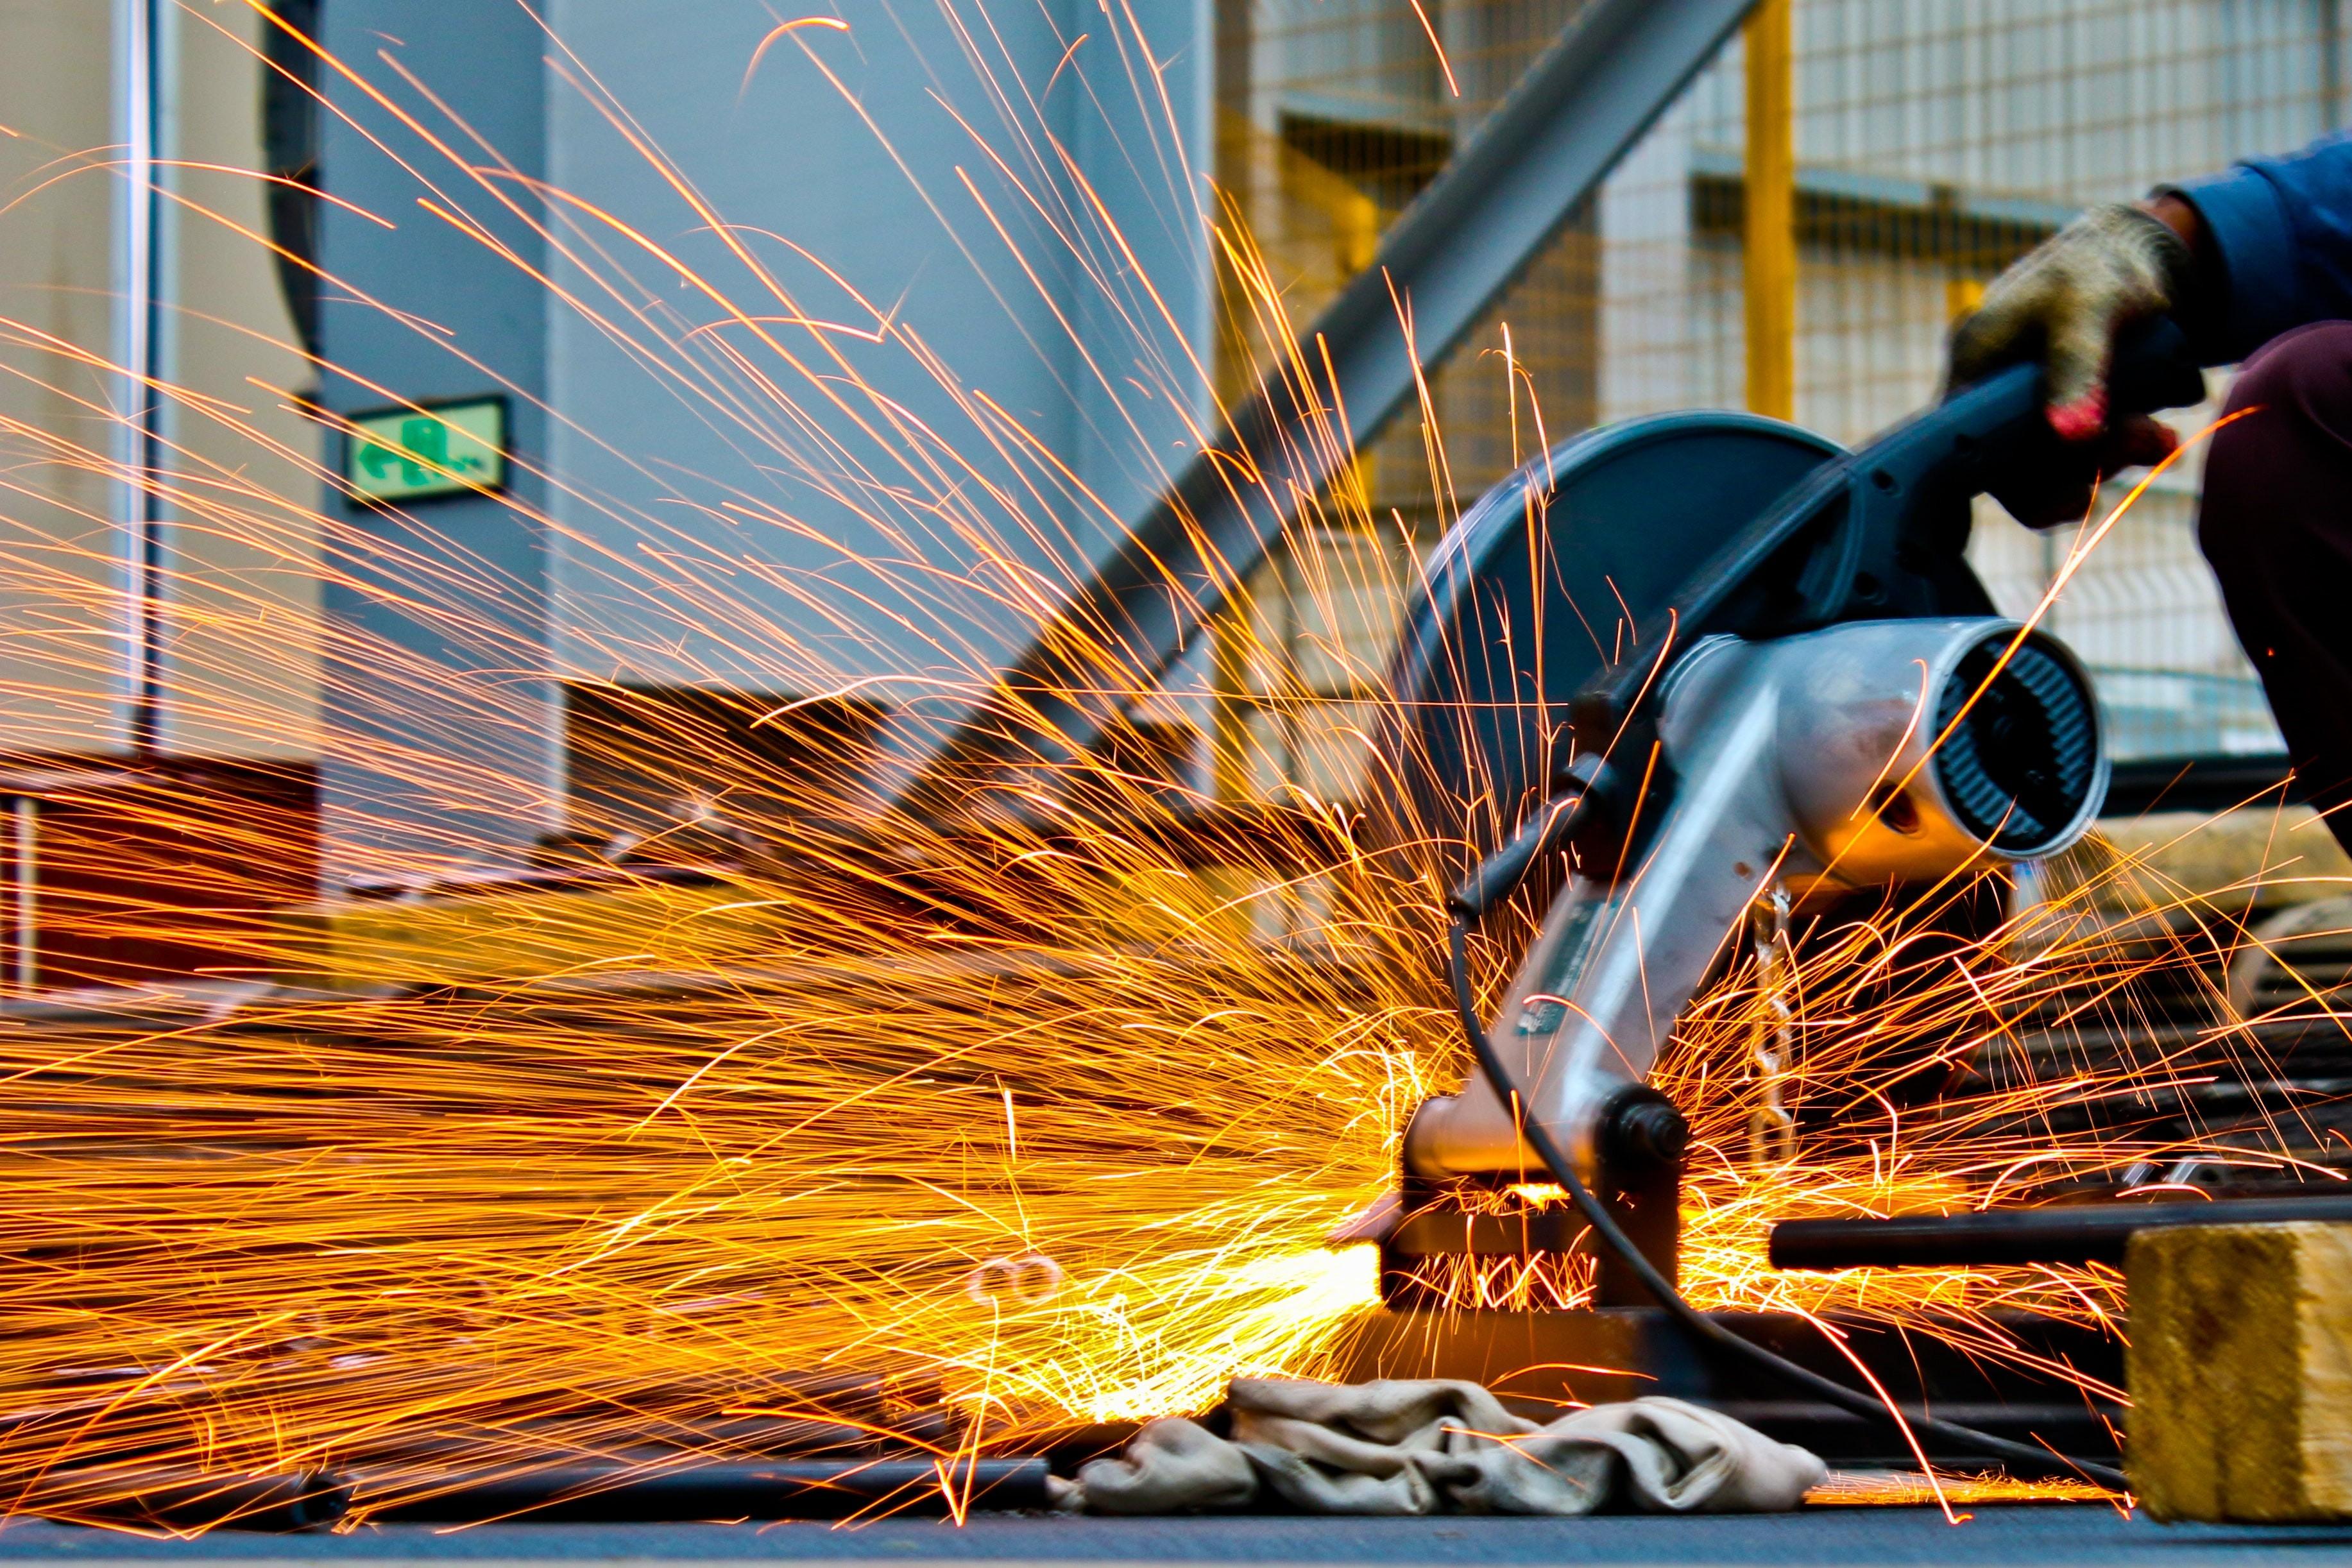 Indústria do Brasil só é mais competitiva que a da Argentina, diz estudo - Noticias